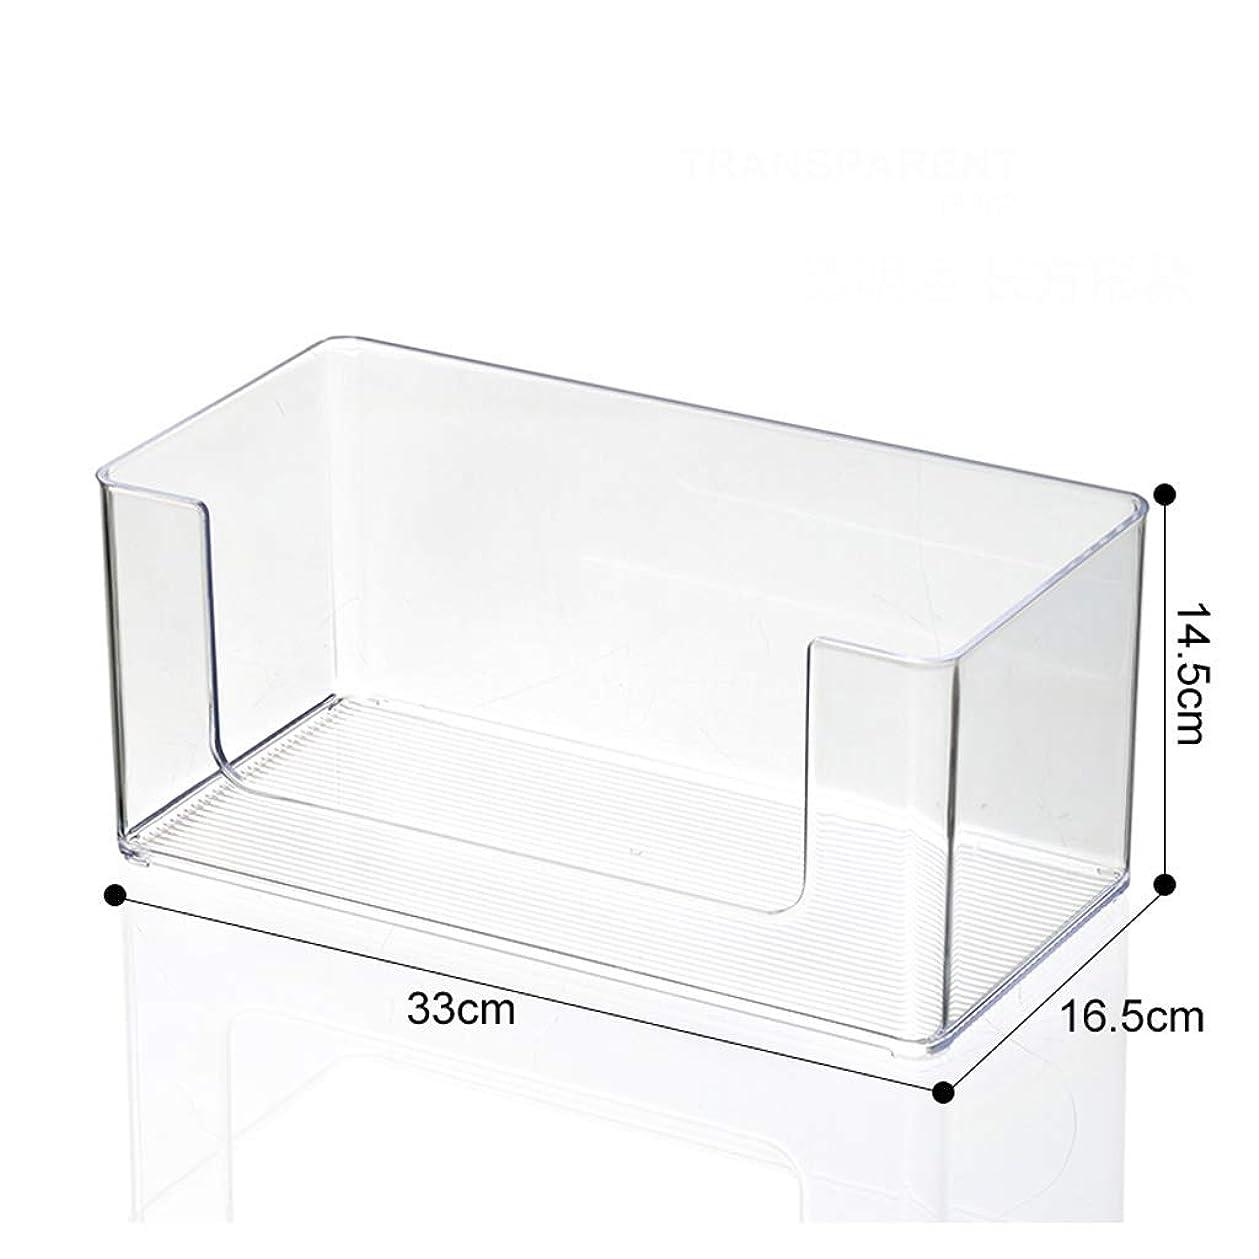 センブランスお茶拡散する透明プラスチック化粧品収納ボックスデスクトップマスクスキンケア製品雑貨並べ替えストレージ(色:透明)